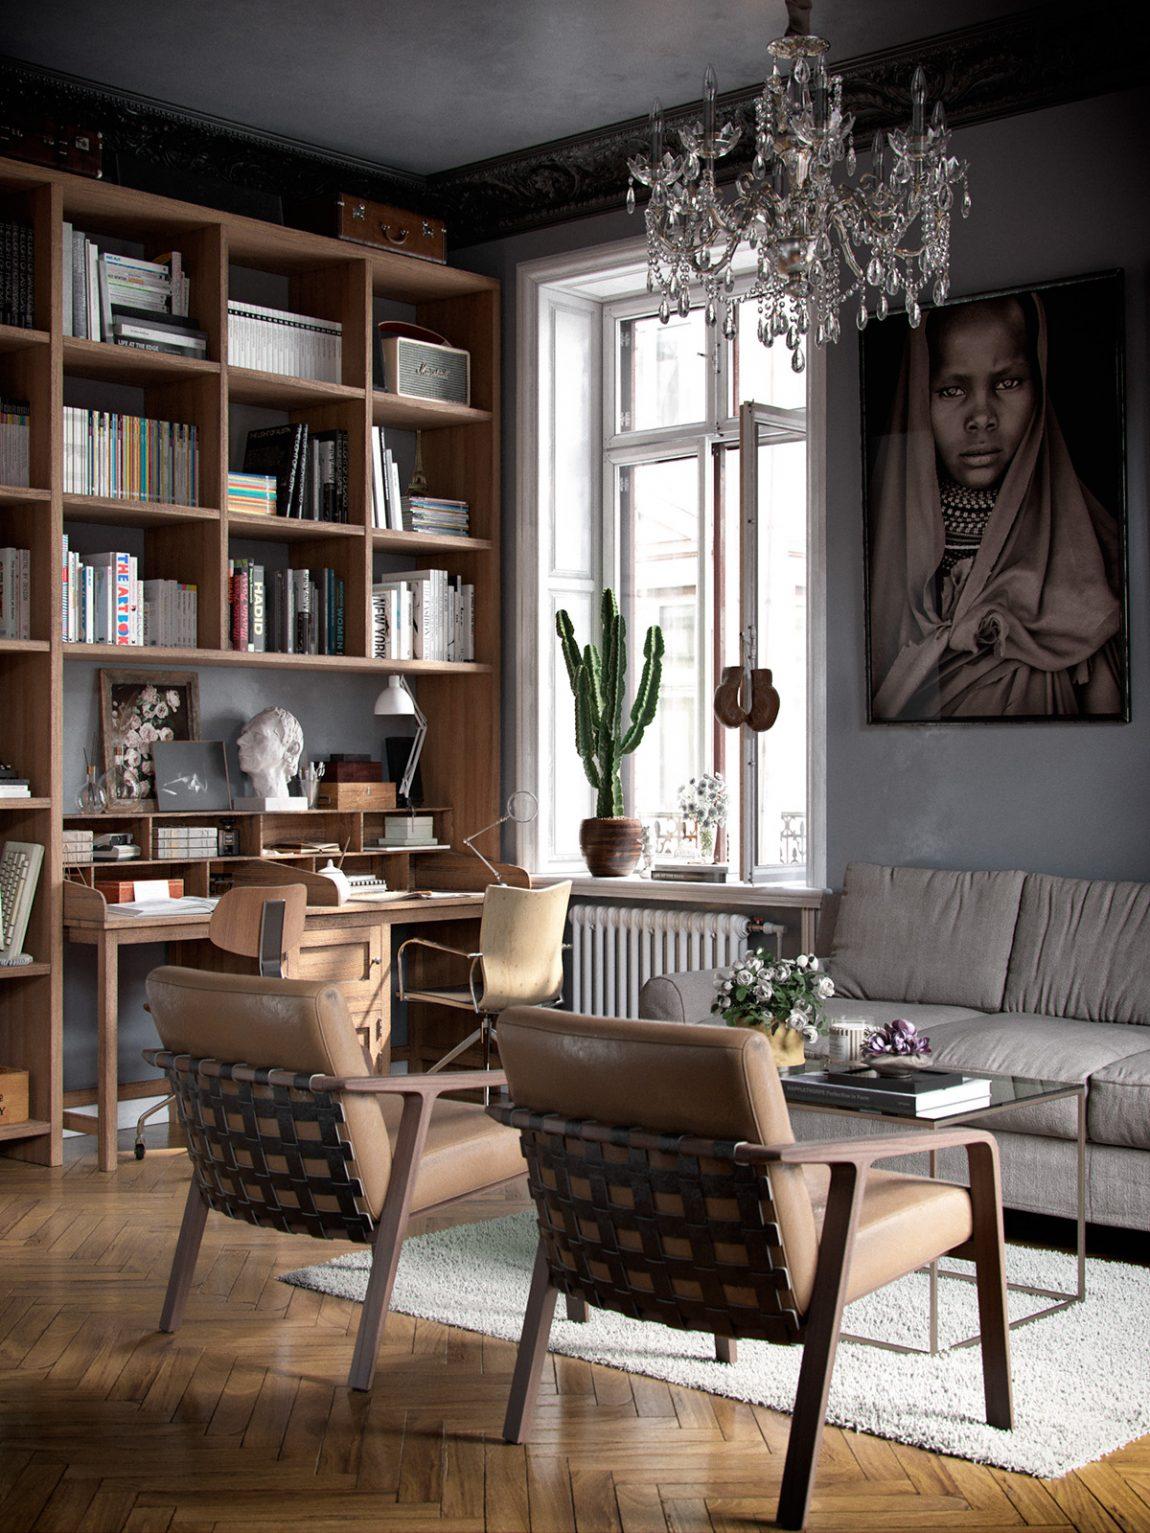 Woonkamer met een eclectisch interieur en een zwart for Klassiek en modern interieur combineren